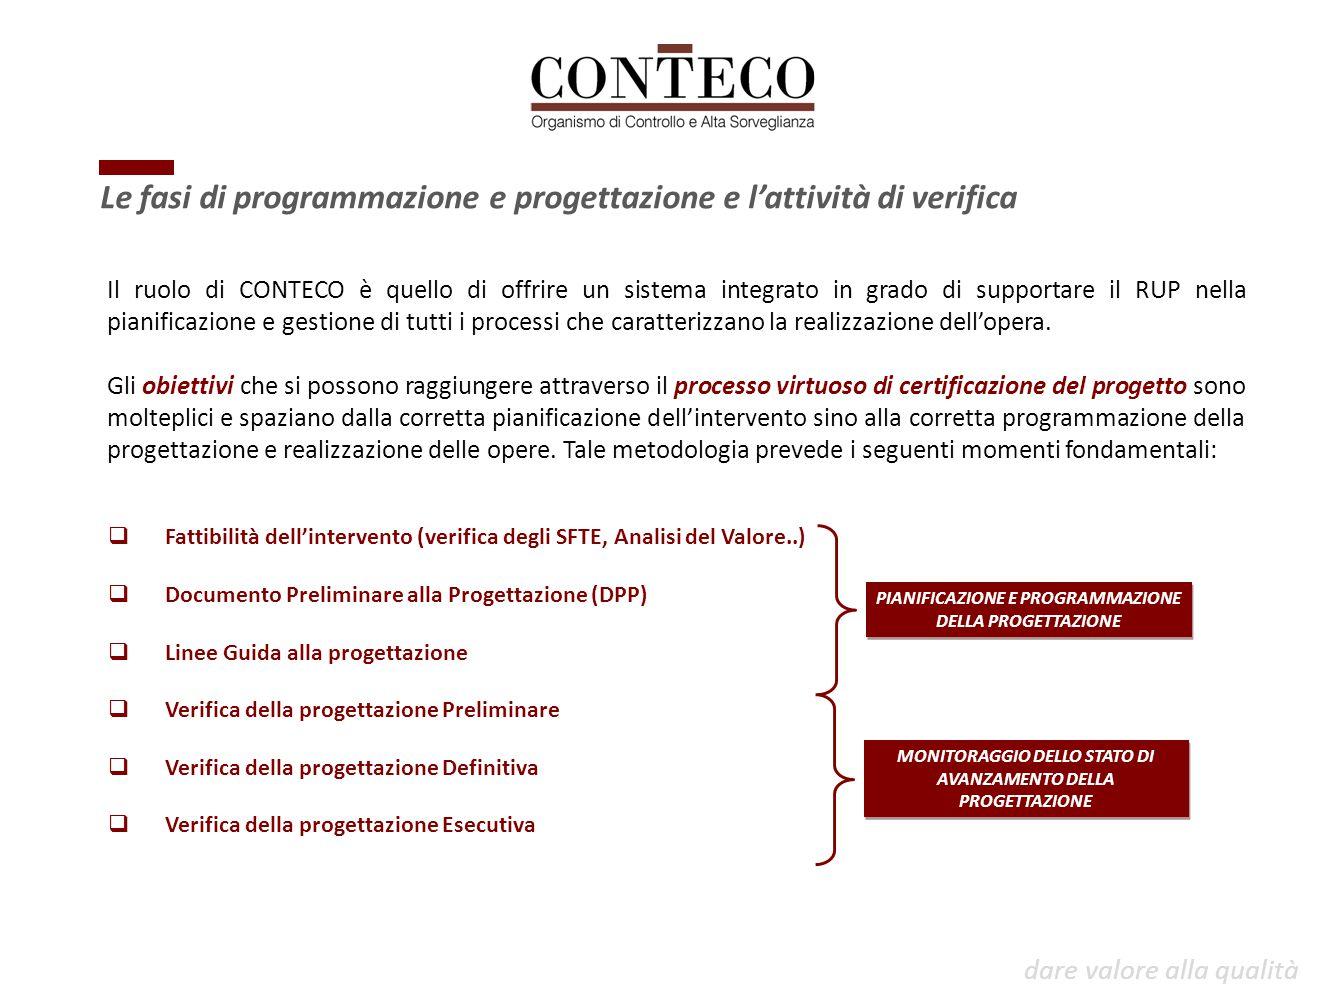  Fattibilità dell'intervento (verifica degli SFTE, Analisi del Valore..)  Documento Preliminare alla Progettazione (DPP)  Linee Guida alla progetta